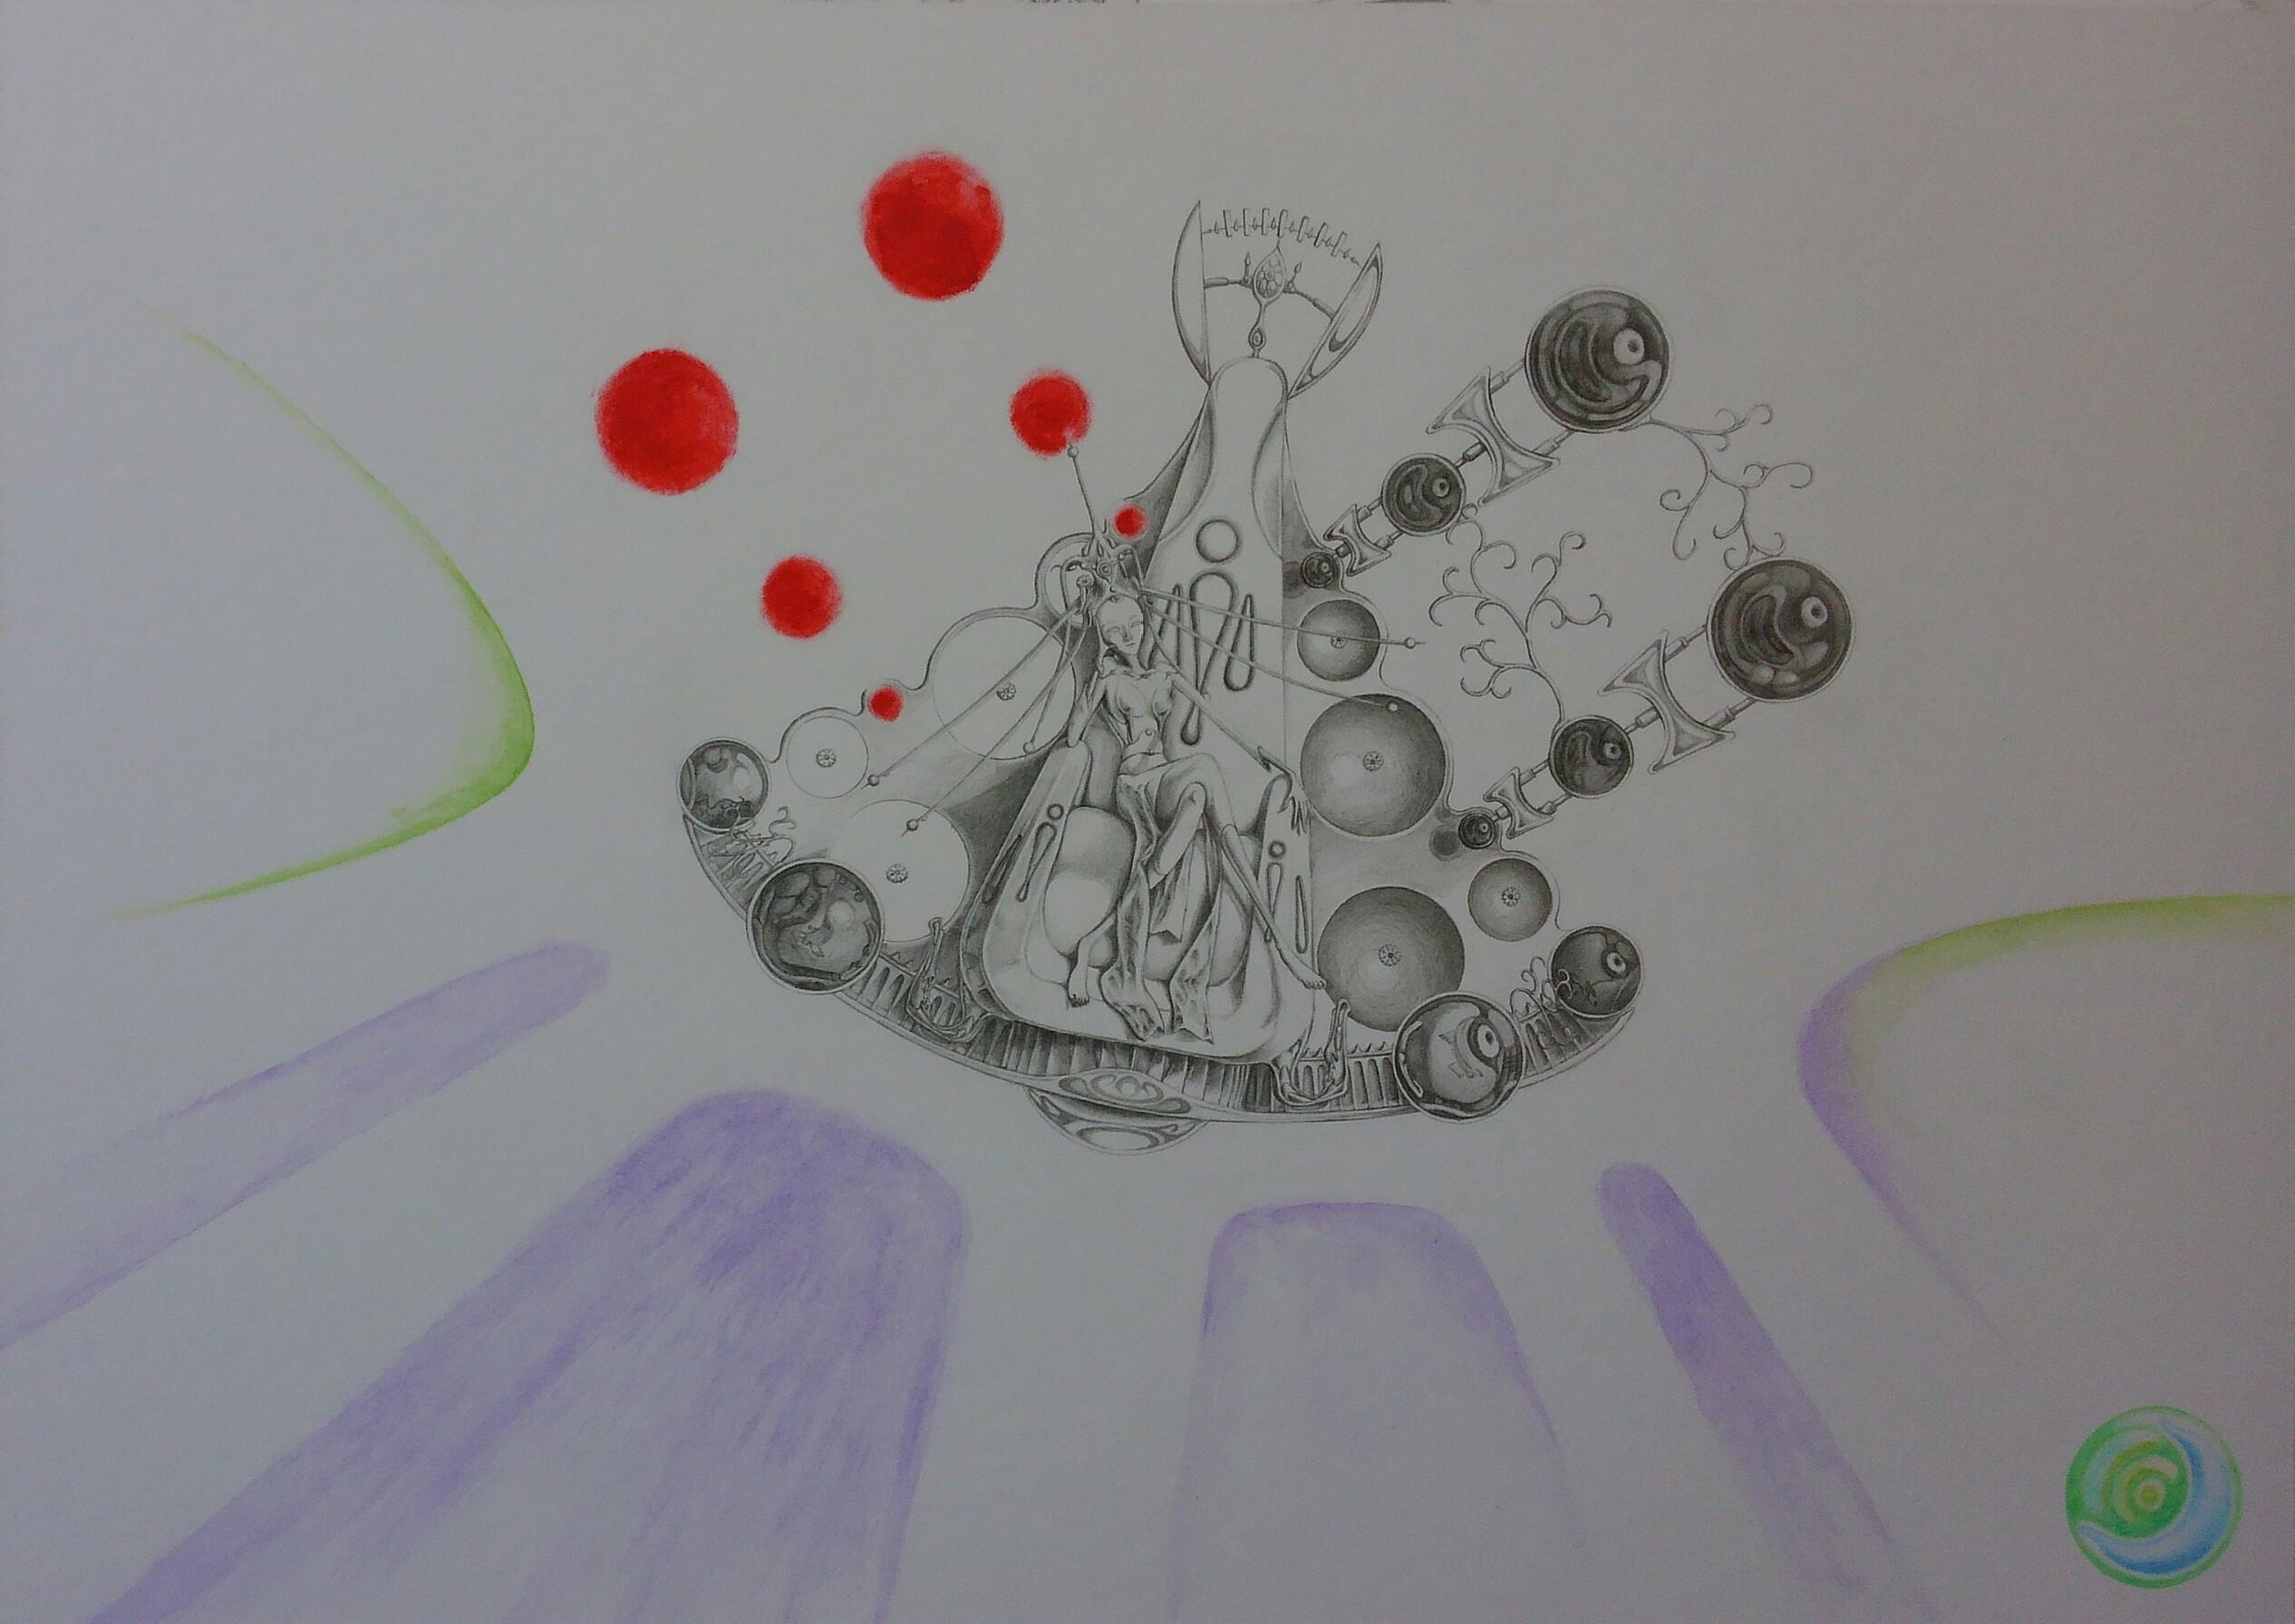 宮殿の浮遊玉座